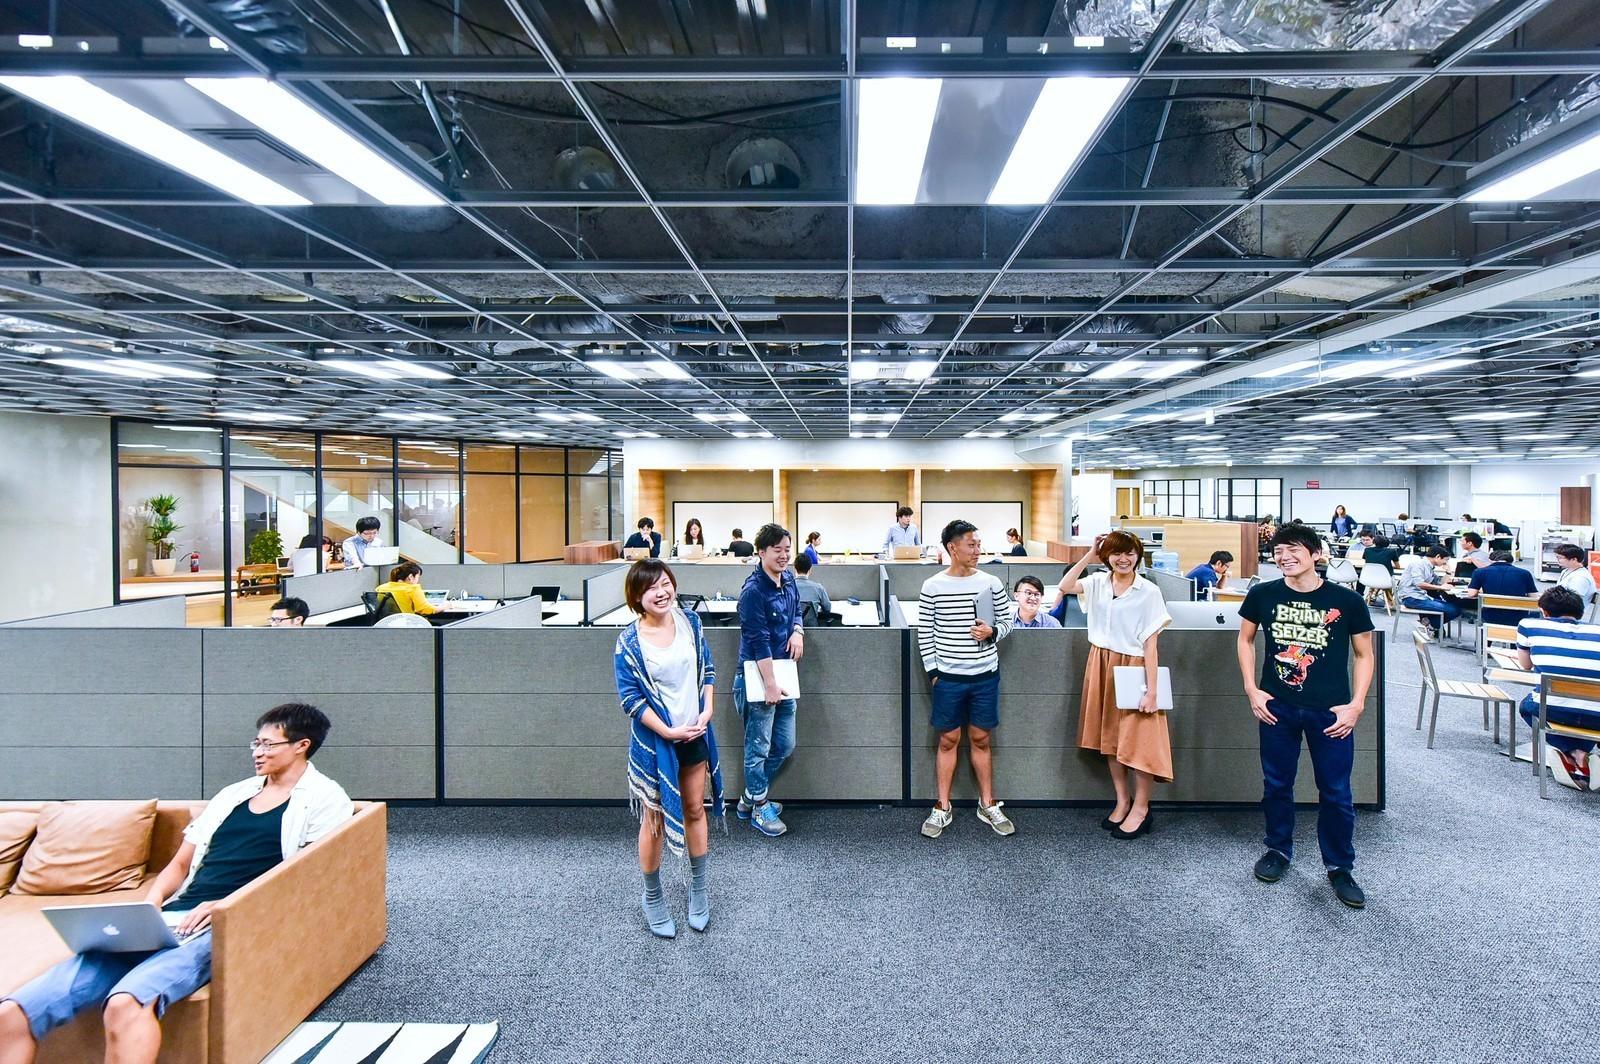 【Node.js】HR Tech業界において、0→1の事業フェーズでSaaSプロダクトを創っていきたいバックエンドエンジニアを募集!